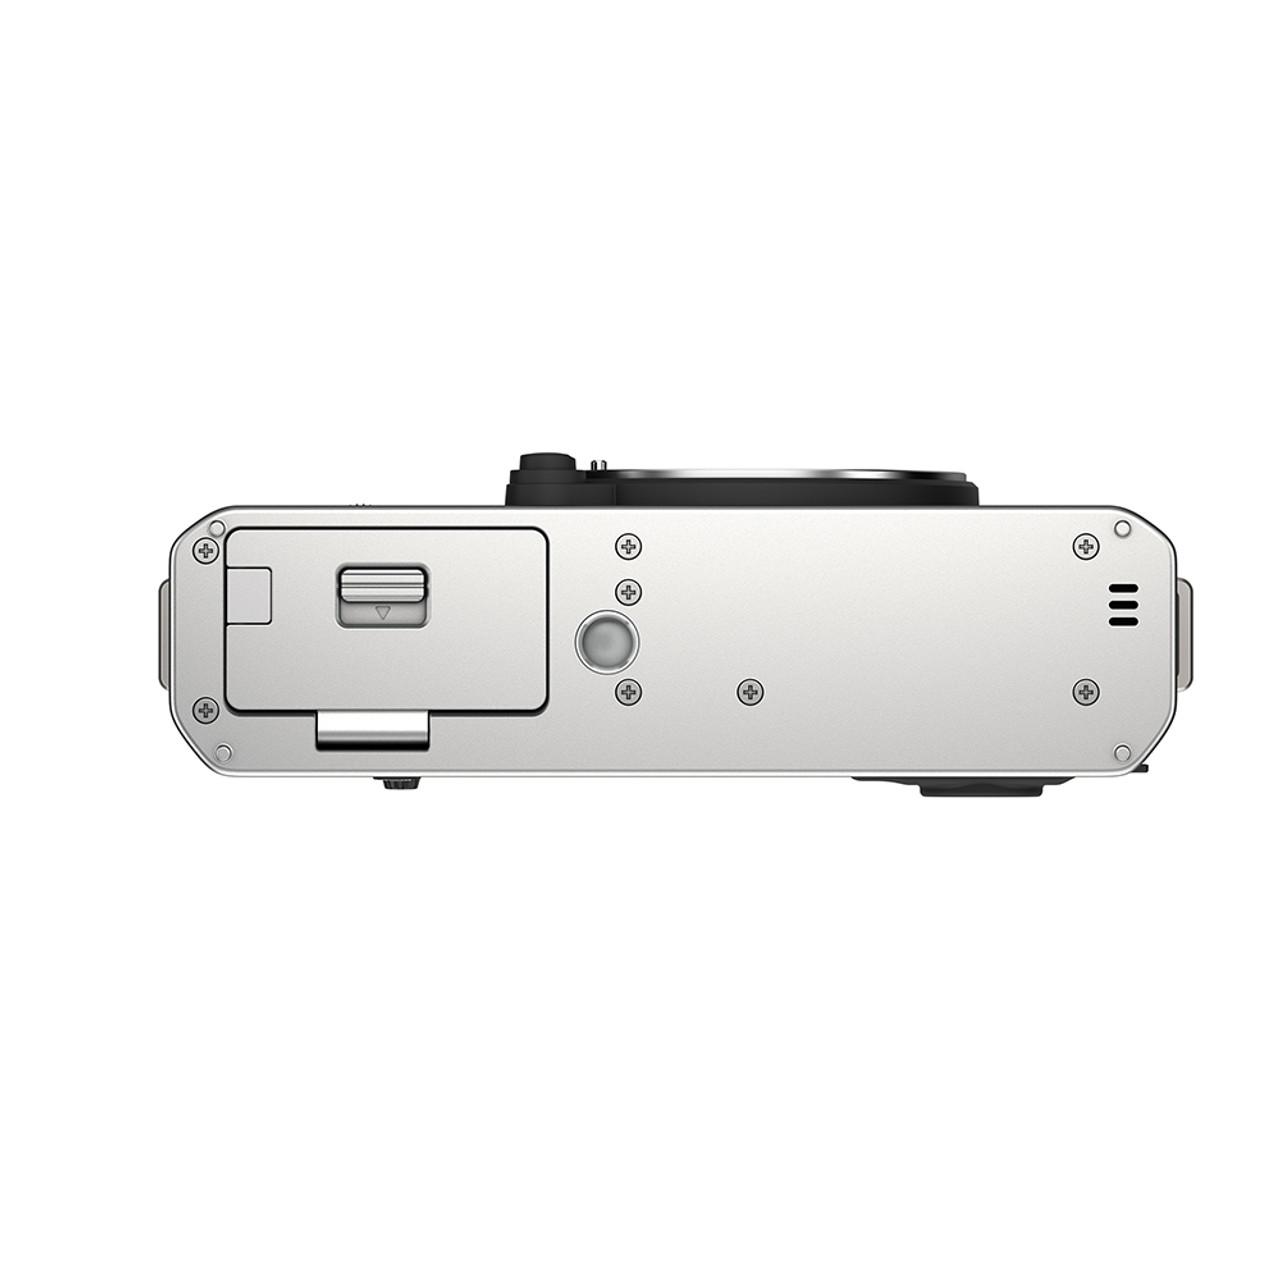 FUJIFILM X-E4 BODY (SILVER)